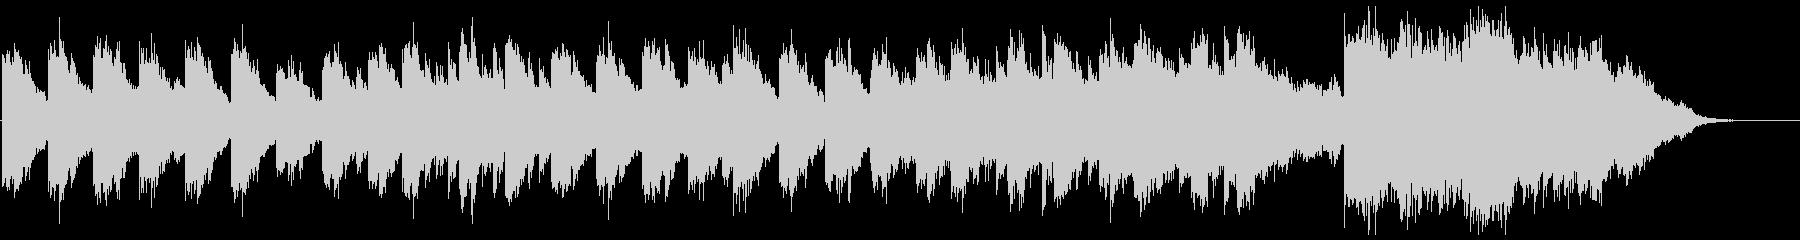 特徴的なピアノのフィルムスコア風楽曲の未再生の波形